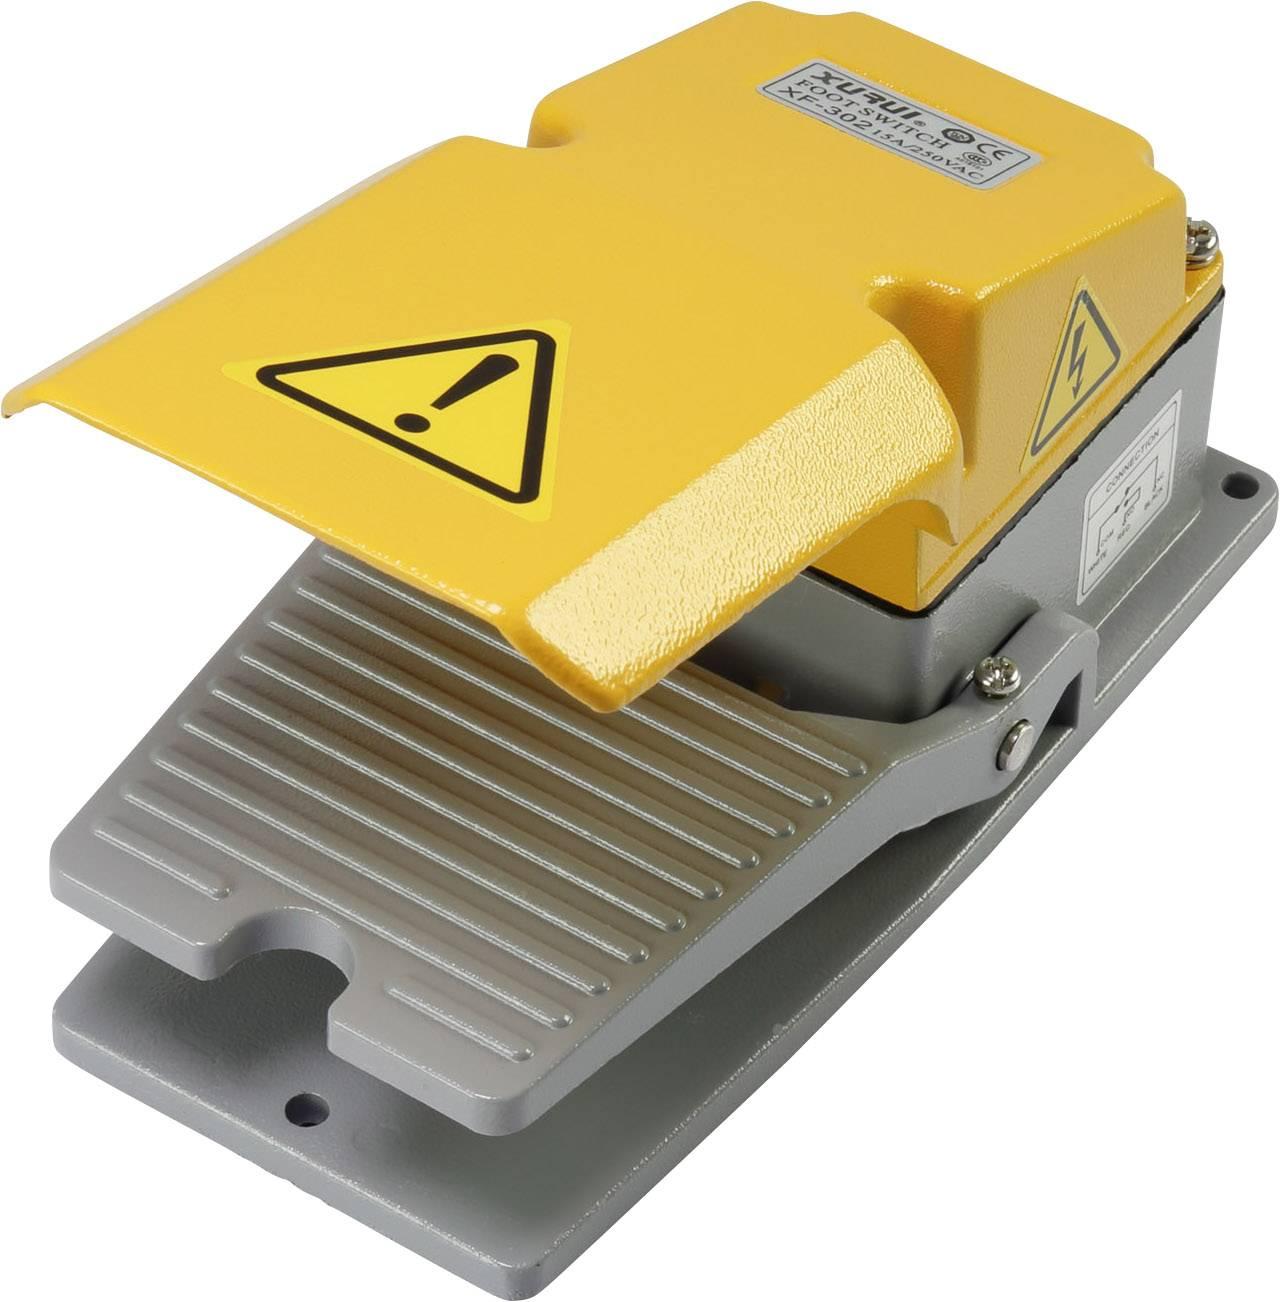 Nožní/ruční tlačítko s ochranným krytem TRU COMPONENTS XF-302, 250 V/AC, 15 A, 1 spínací kontakt, 1 ks